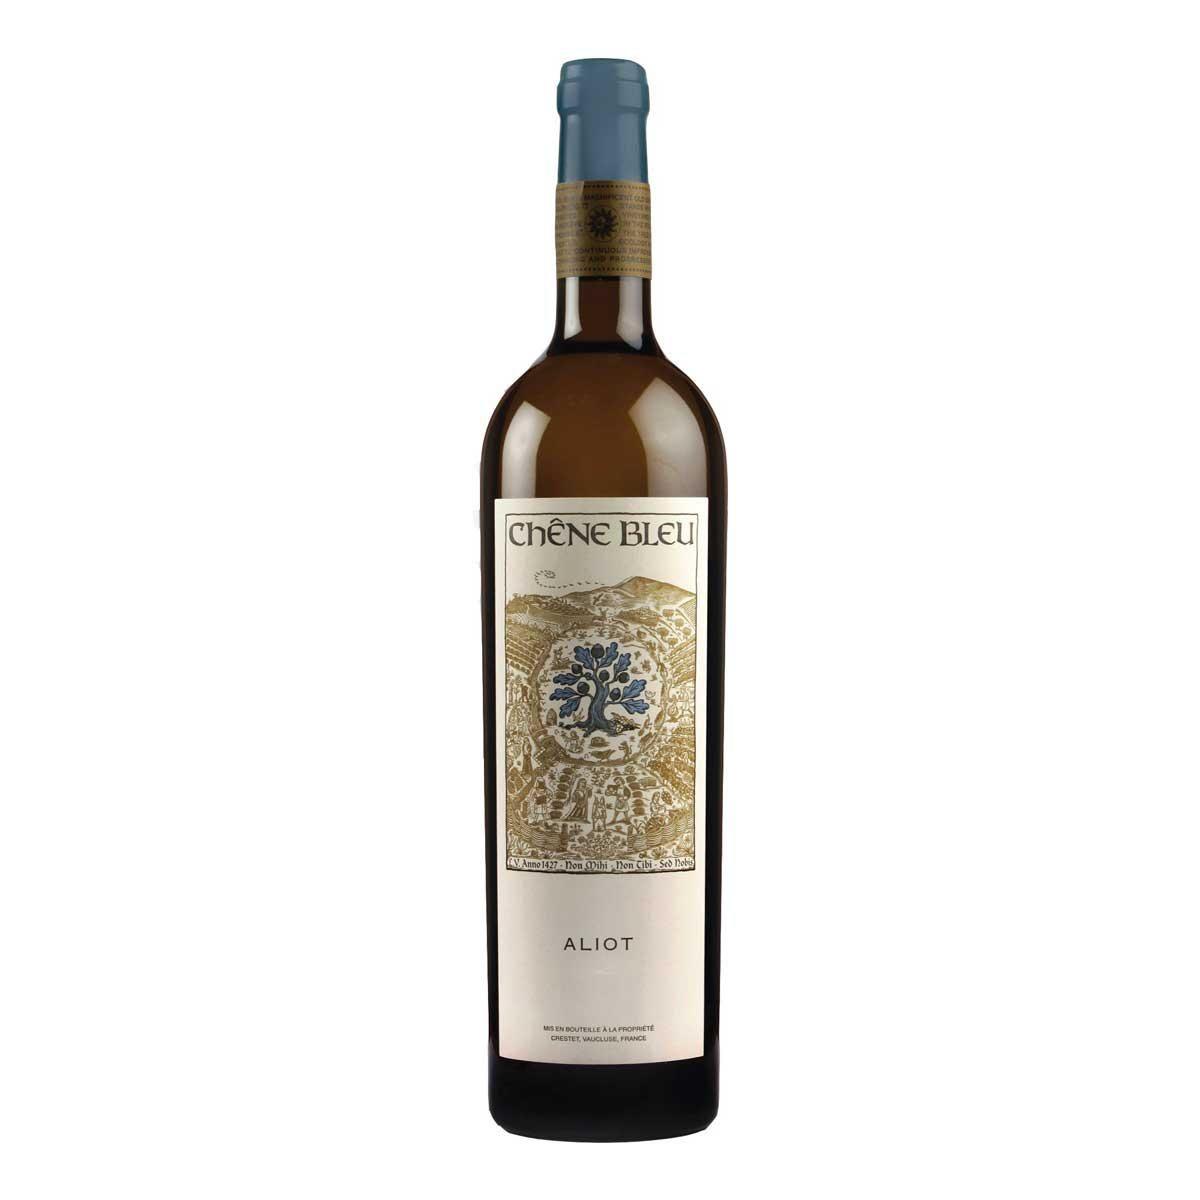 chene bleu 2015 aliot vaucluse white blend